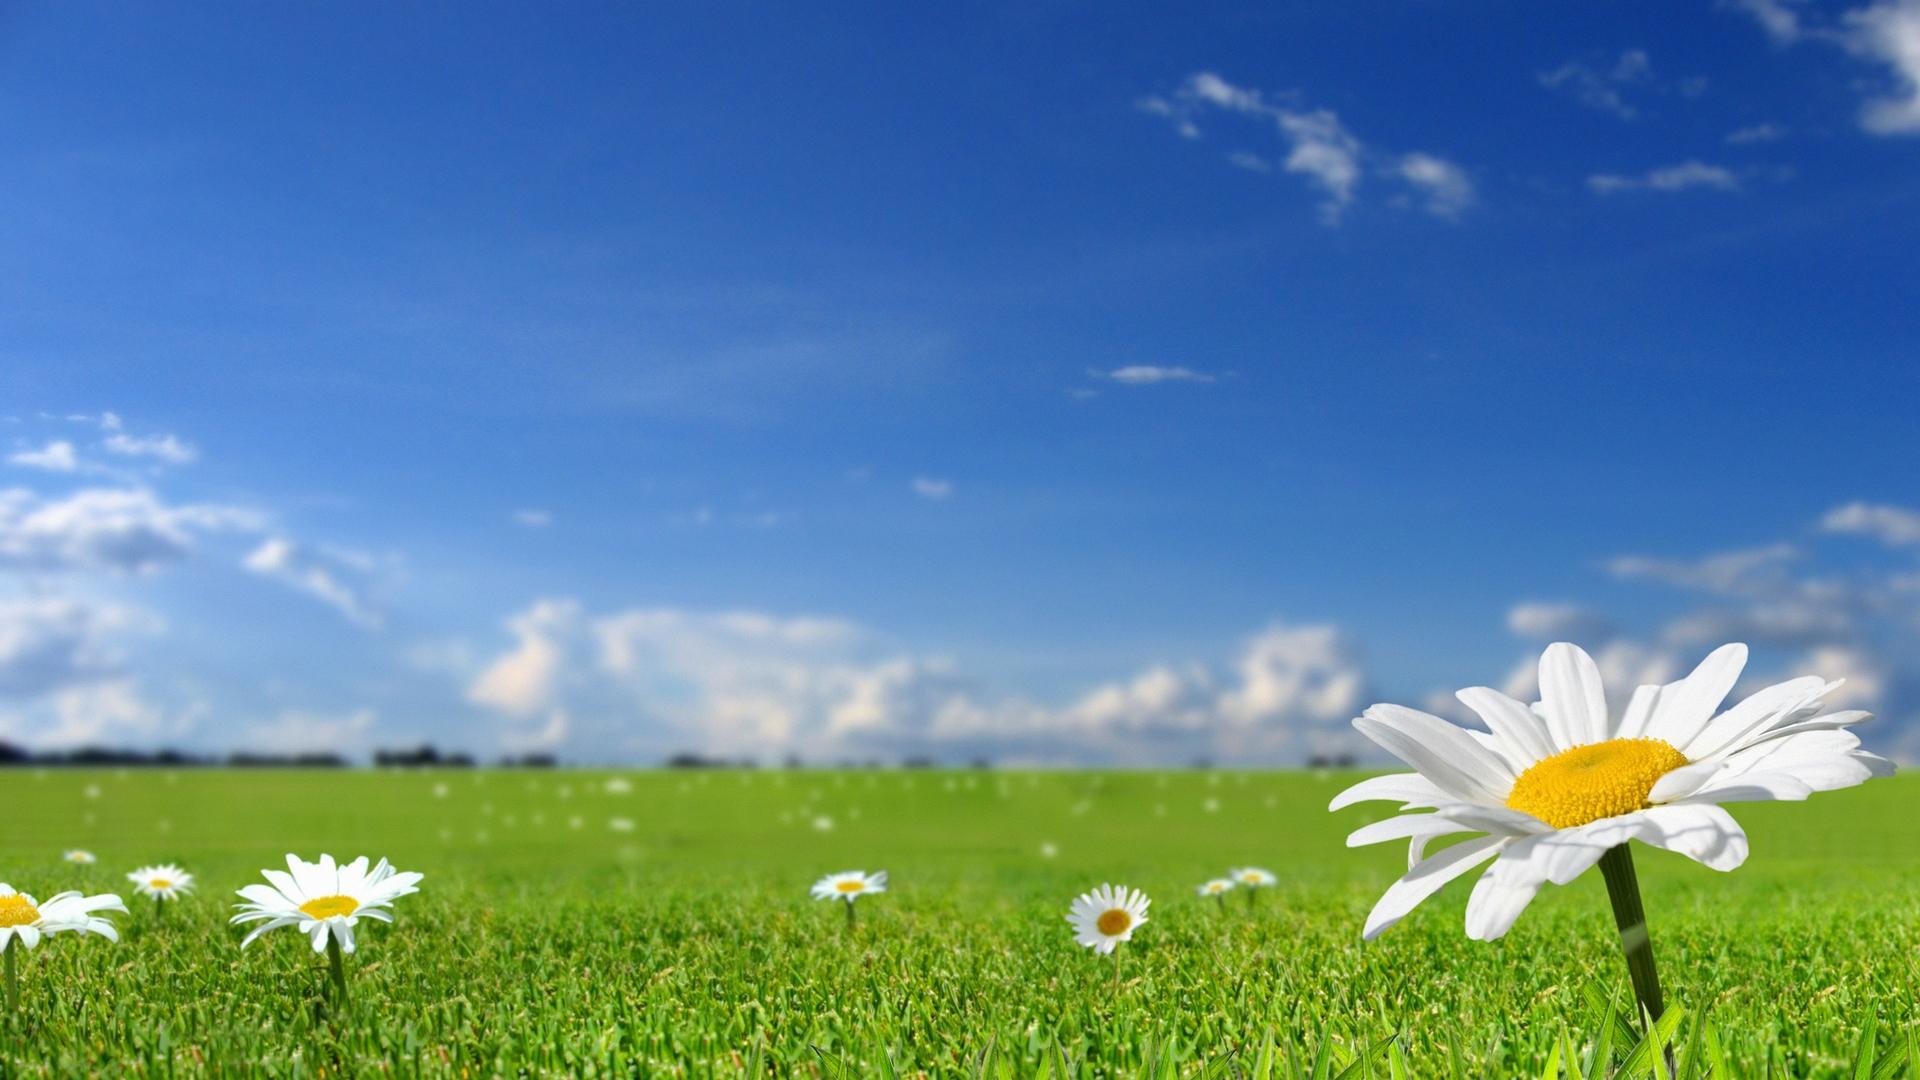 草地鲜花风景